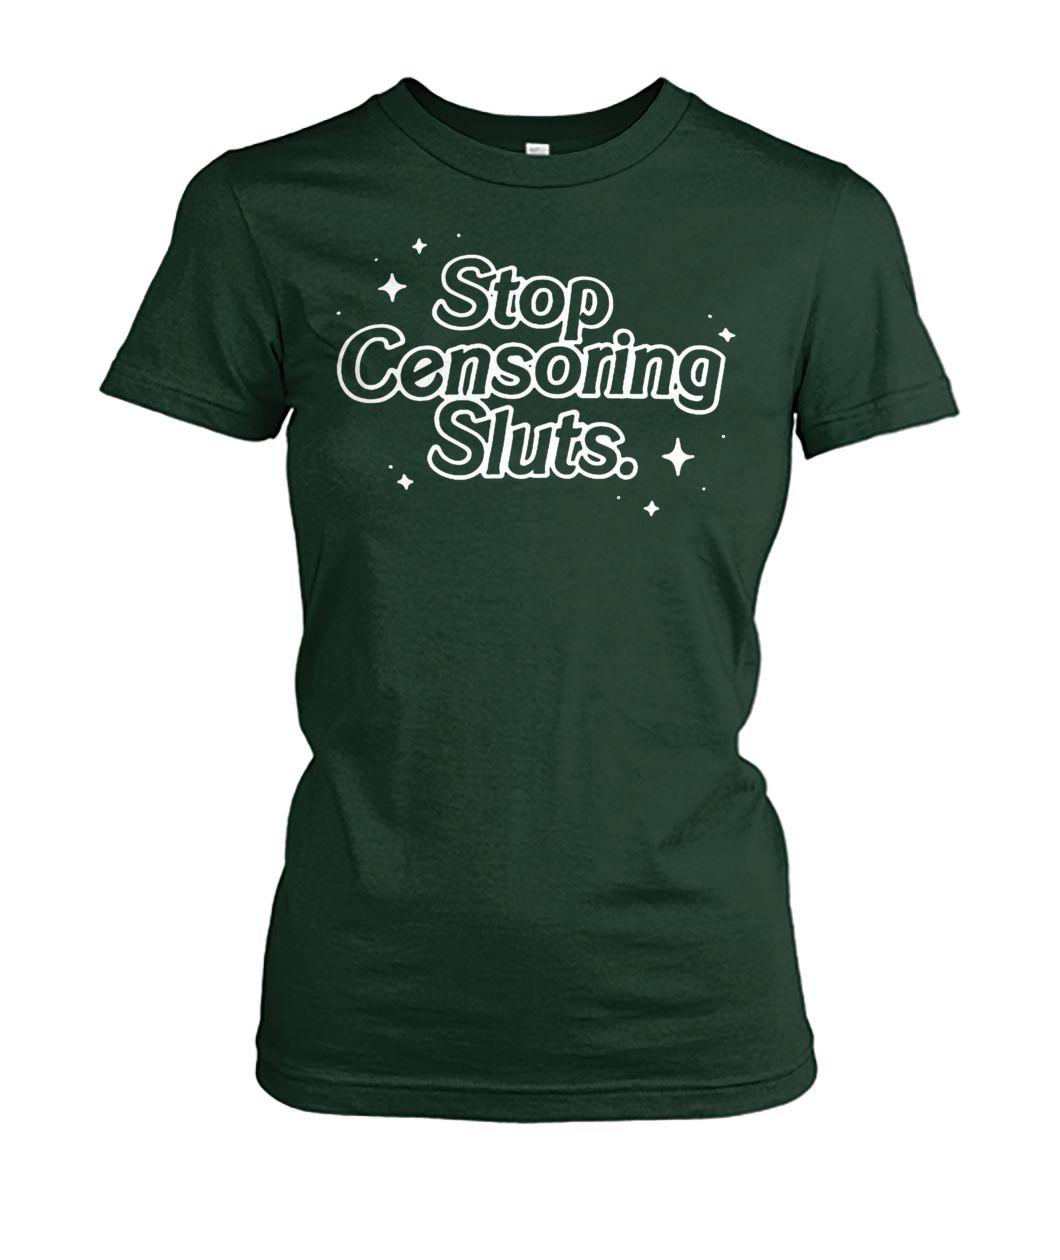 [Hot version] Stop censoring sluts shirt